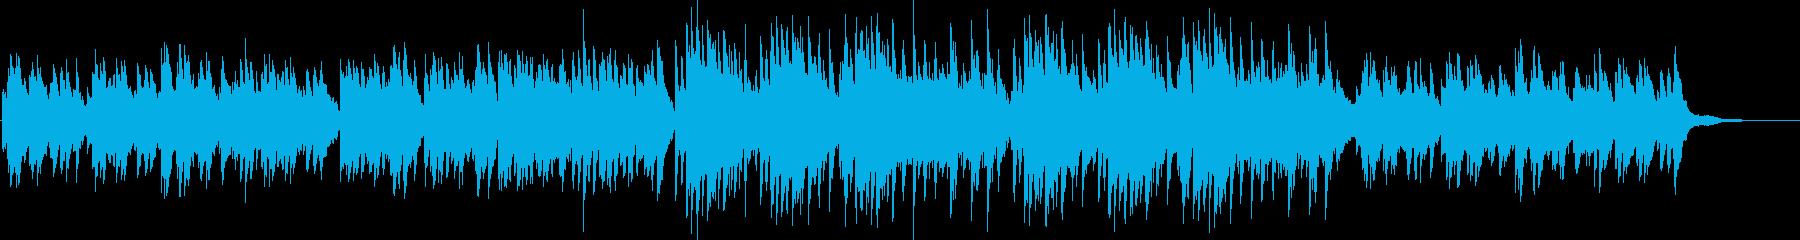 優しくて切ない雰囲気のピアノソロBGMの再生済みの波形